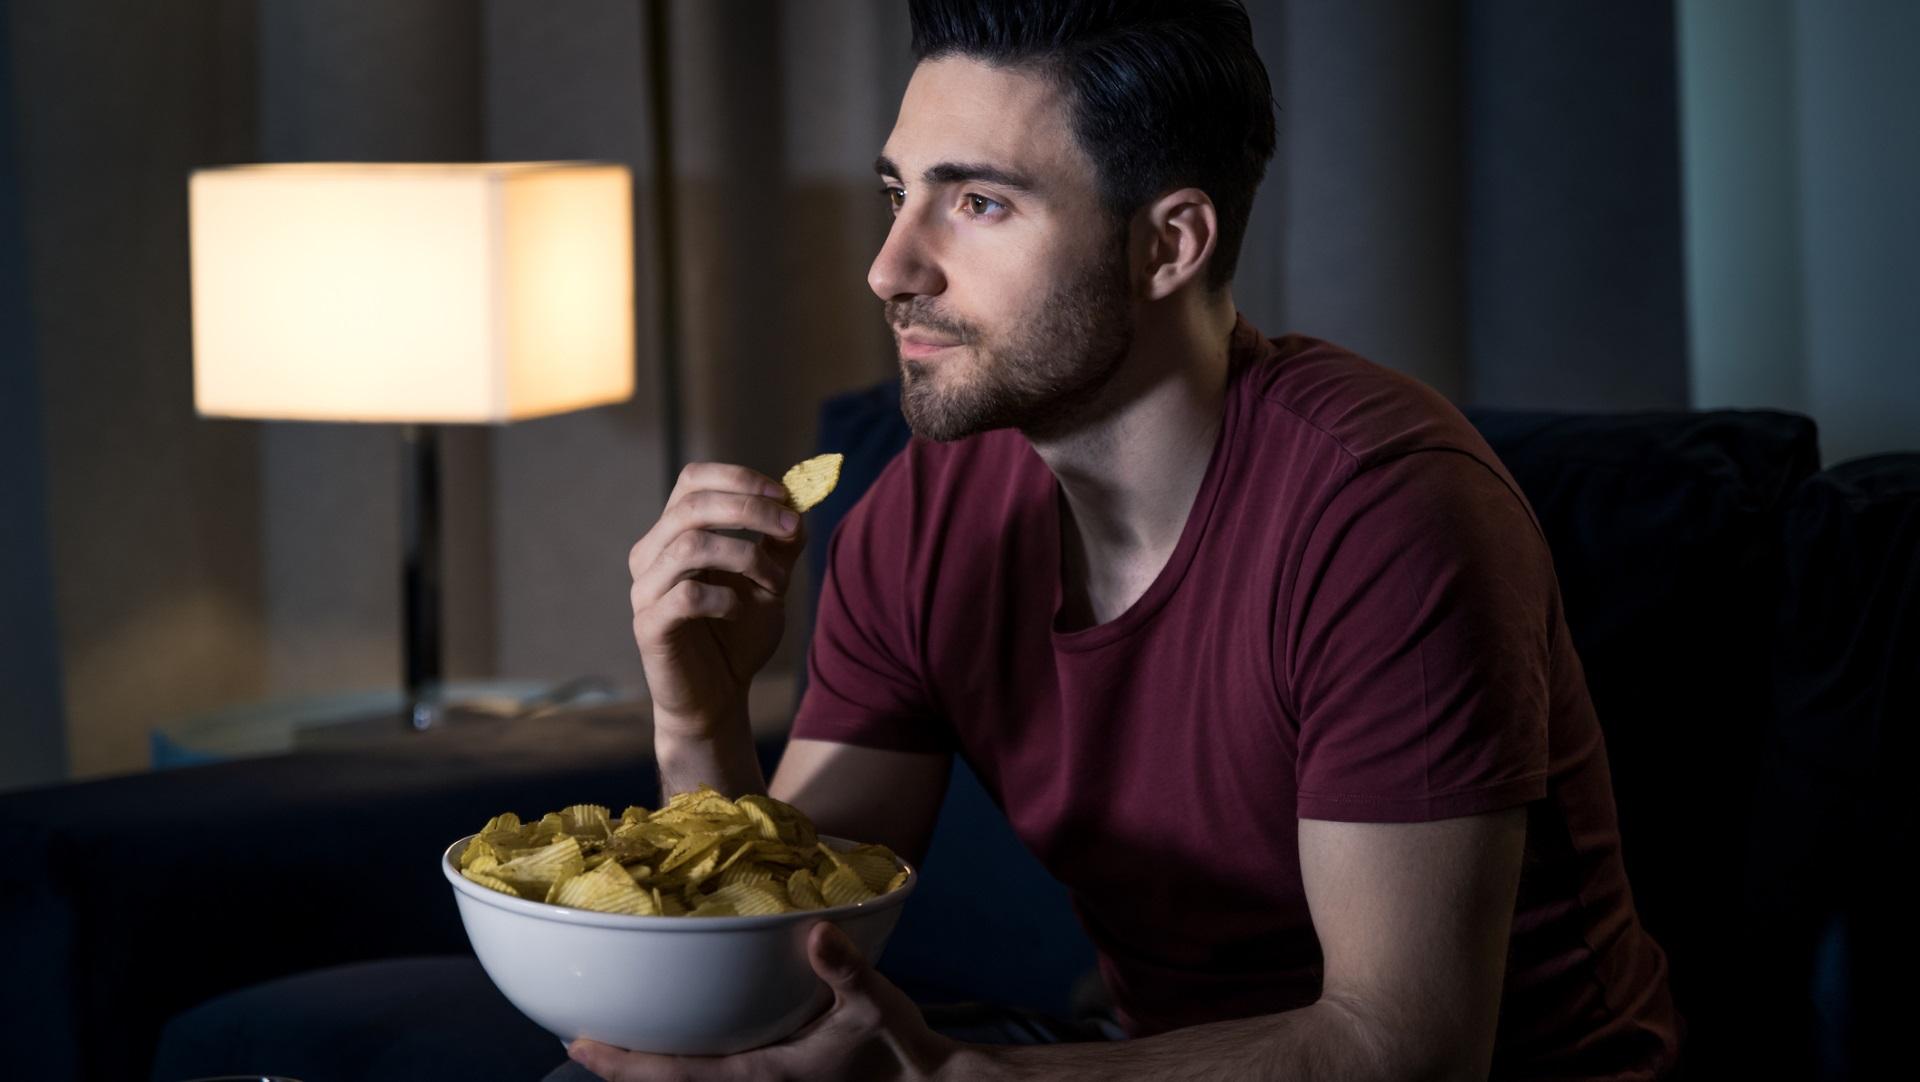 <p><strong>Пристрастявате се</strong></p>  <p>Учените са установили, че това, което прави чипса пристрастяваща храна не е вкусът, а &hellip;хрупкавостта. Хората свързват силния звук на хрупкавостта със свежестта на храната и това я прави много силно желана.</p>